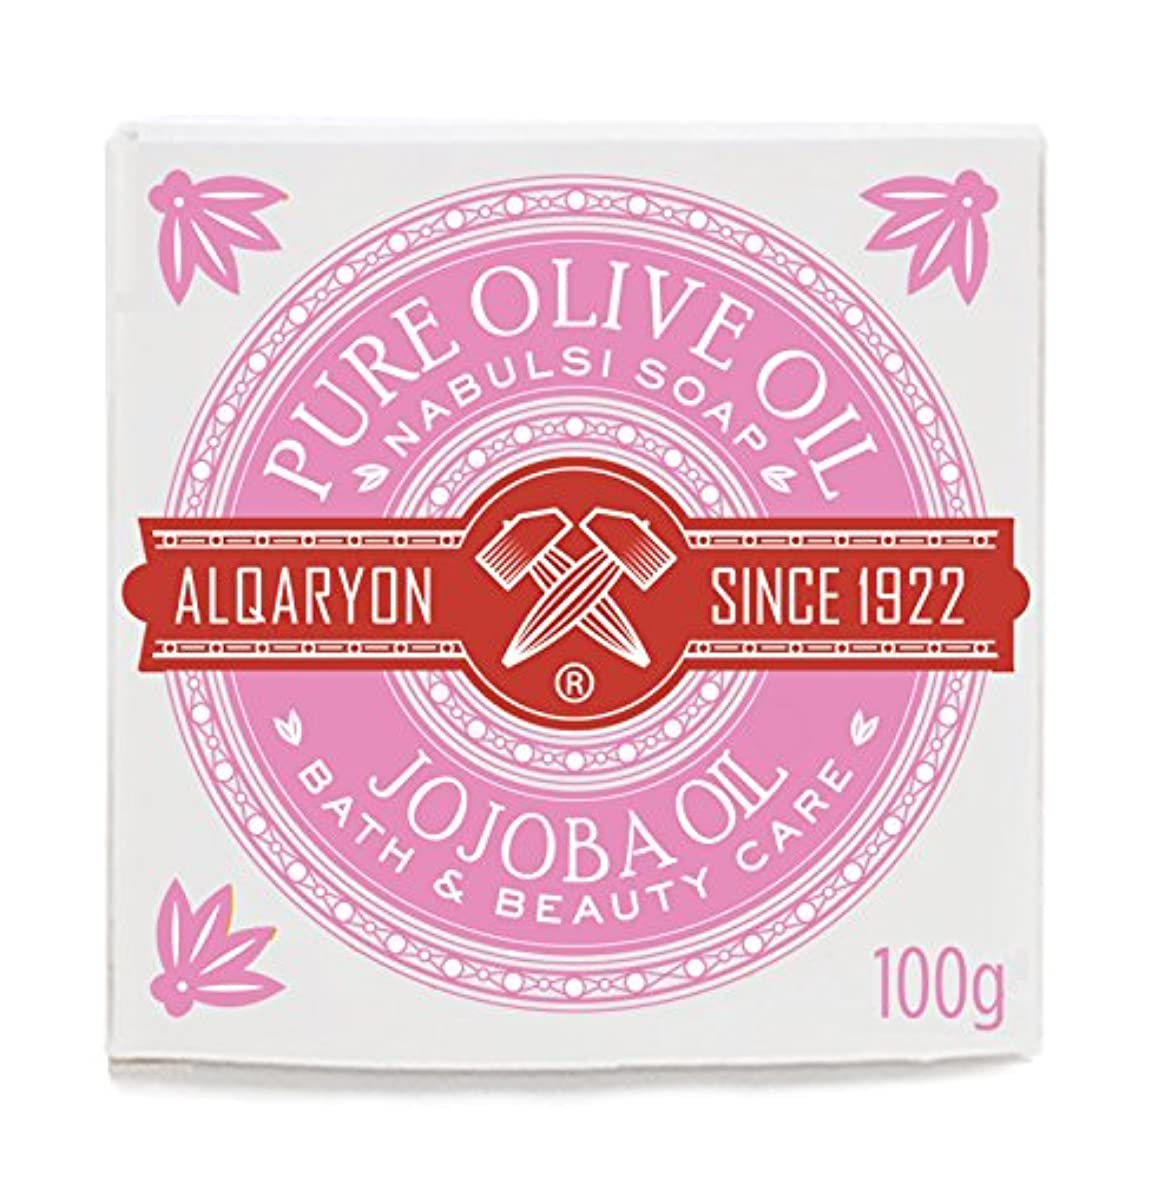 明日含む利用可能Alqaryon Jojoba Oil & Olive Oil Bar Soaps, Pack of 4 Bars 100g - Alqaryonのホホバ オイルとオリーブオイル ソープ、バス & ビューティー ケア、100g...